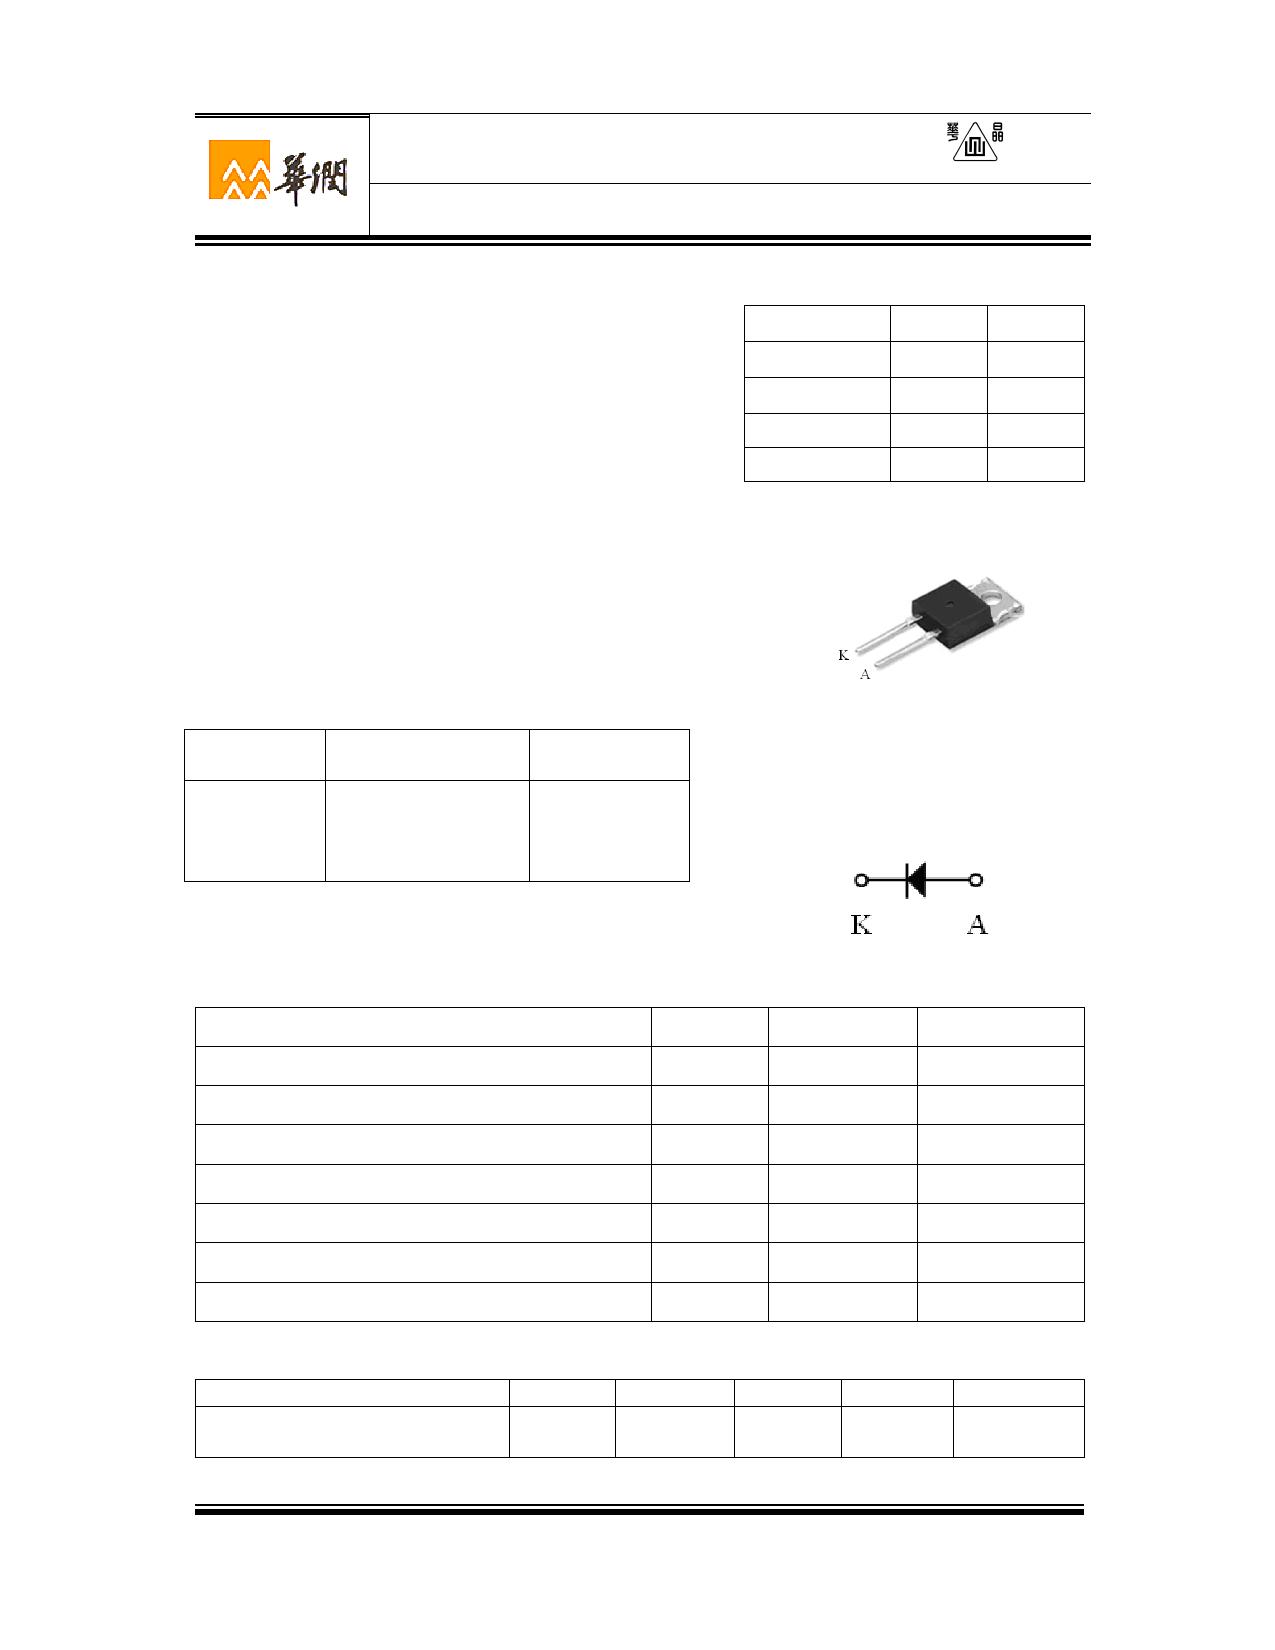 2CR084A8C Datasheet, 2CR084A8C PDF,ピン配置, 機能